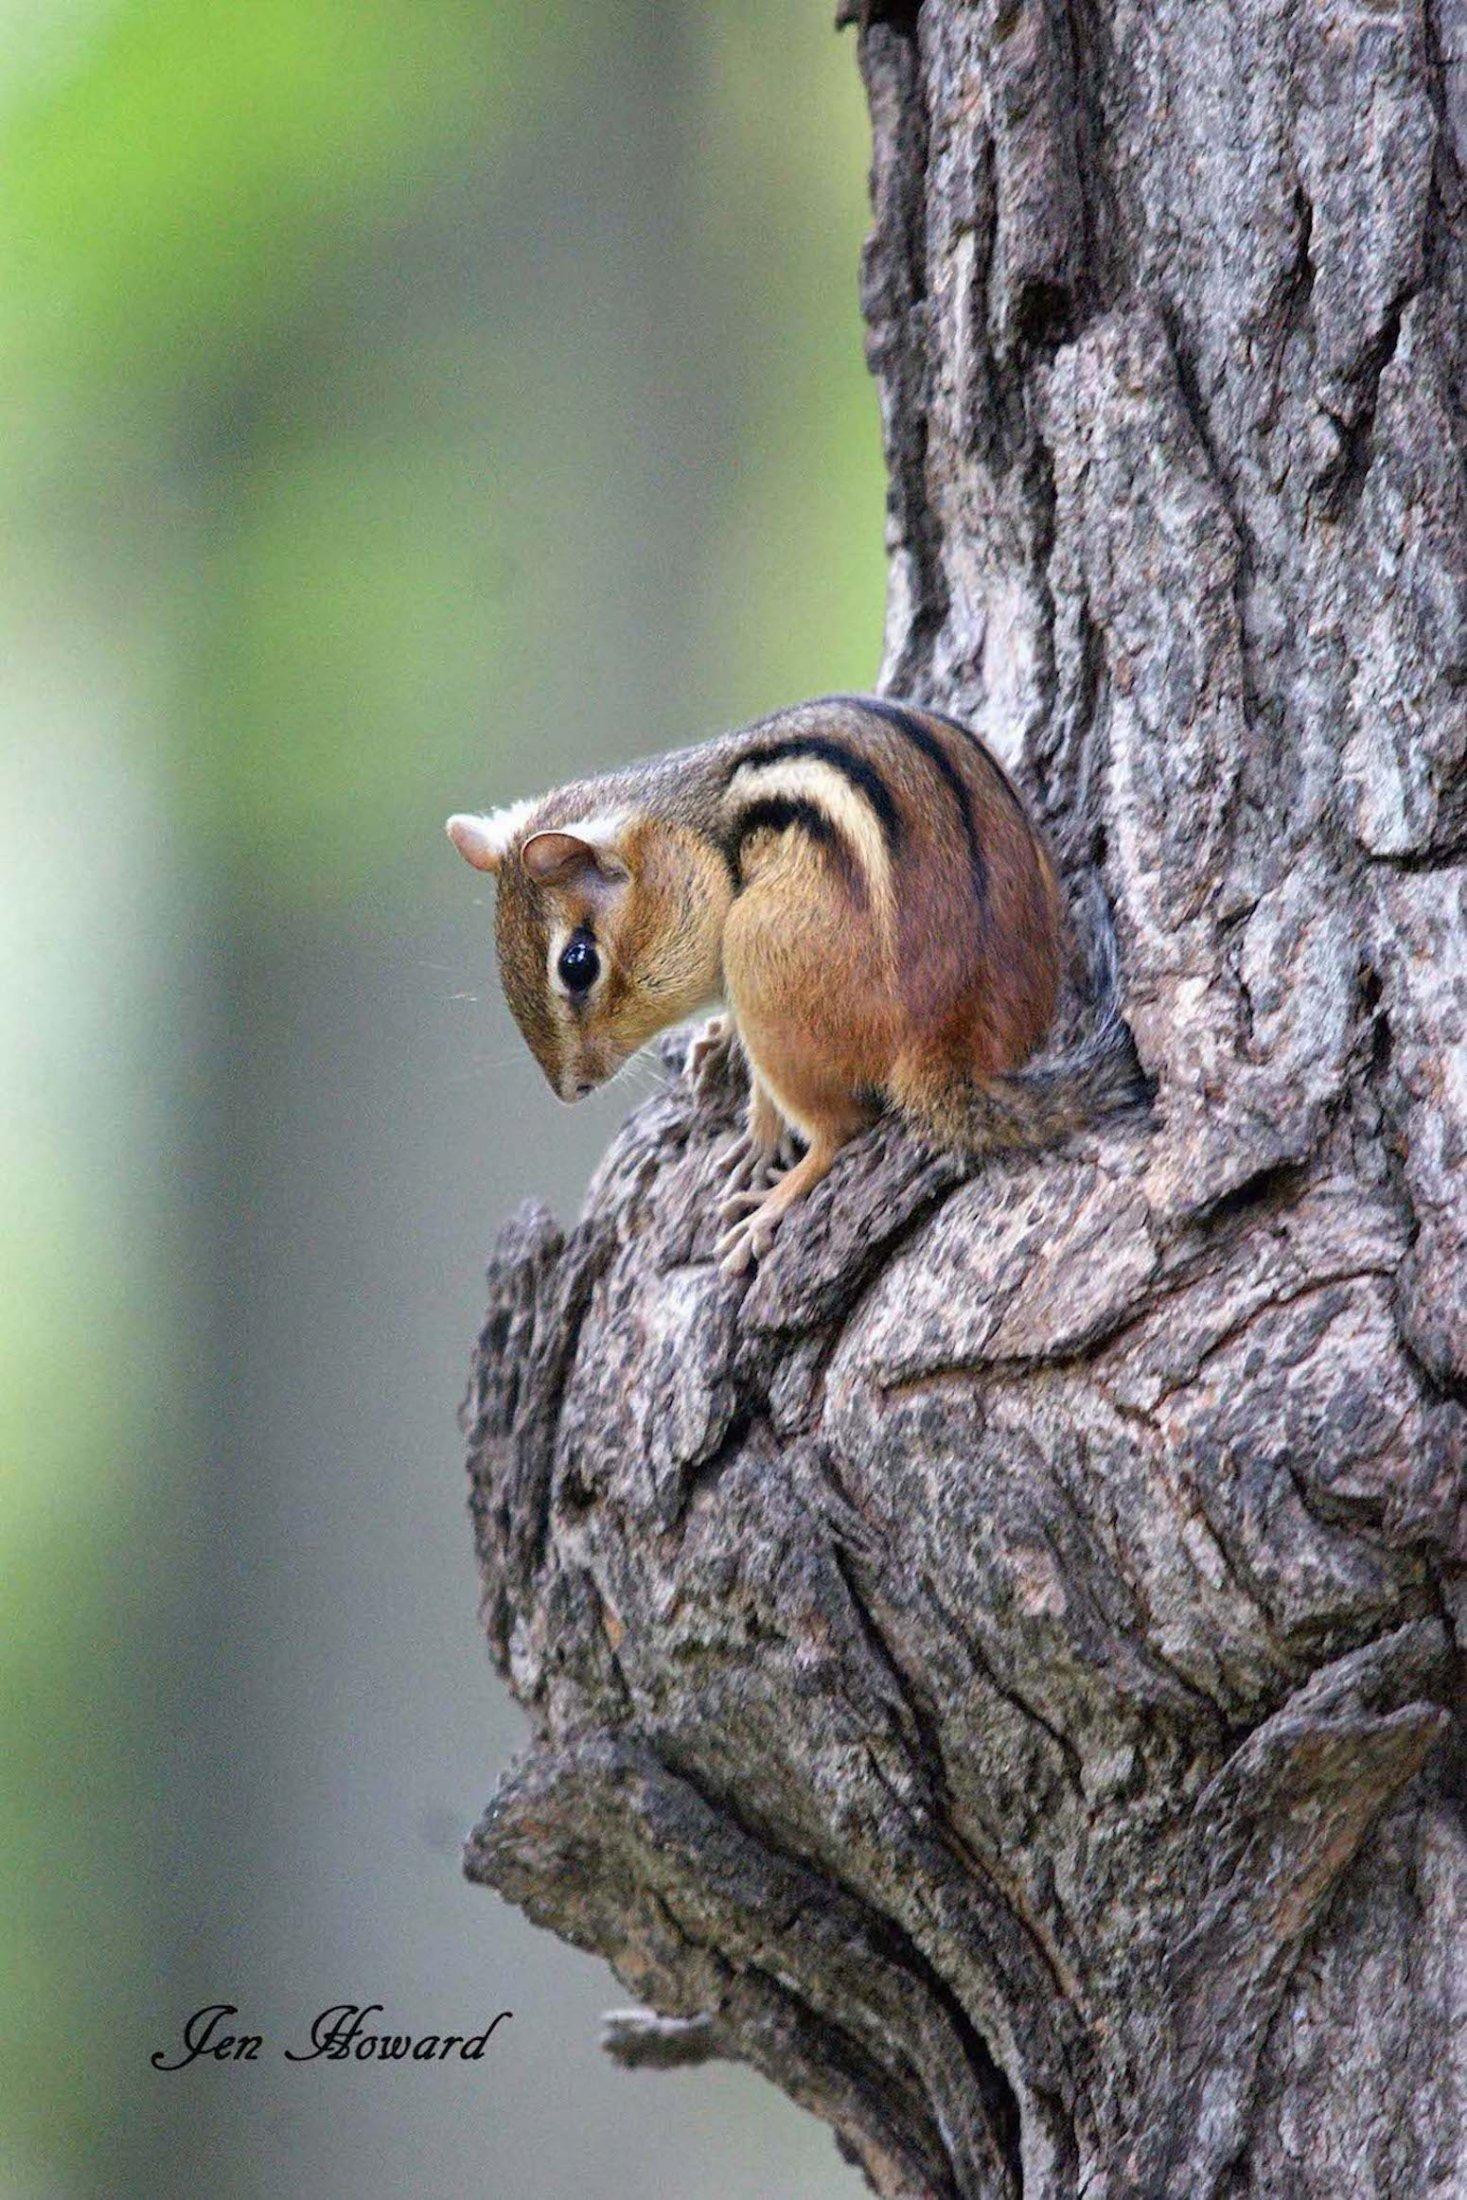 Chipmunk in a tree by Jennifer Howard